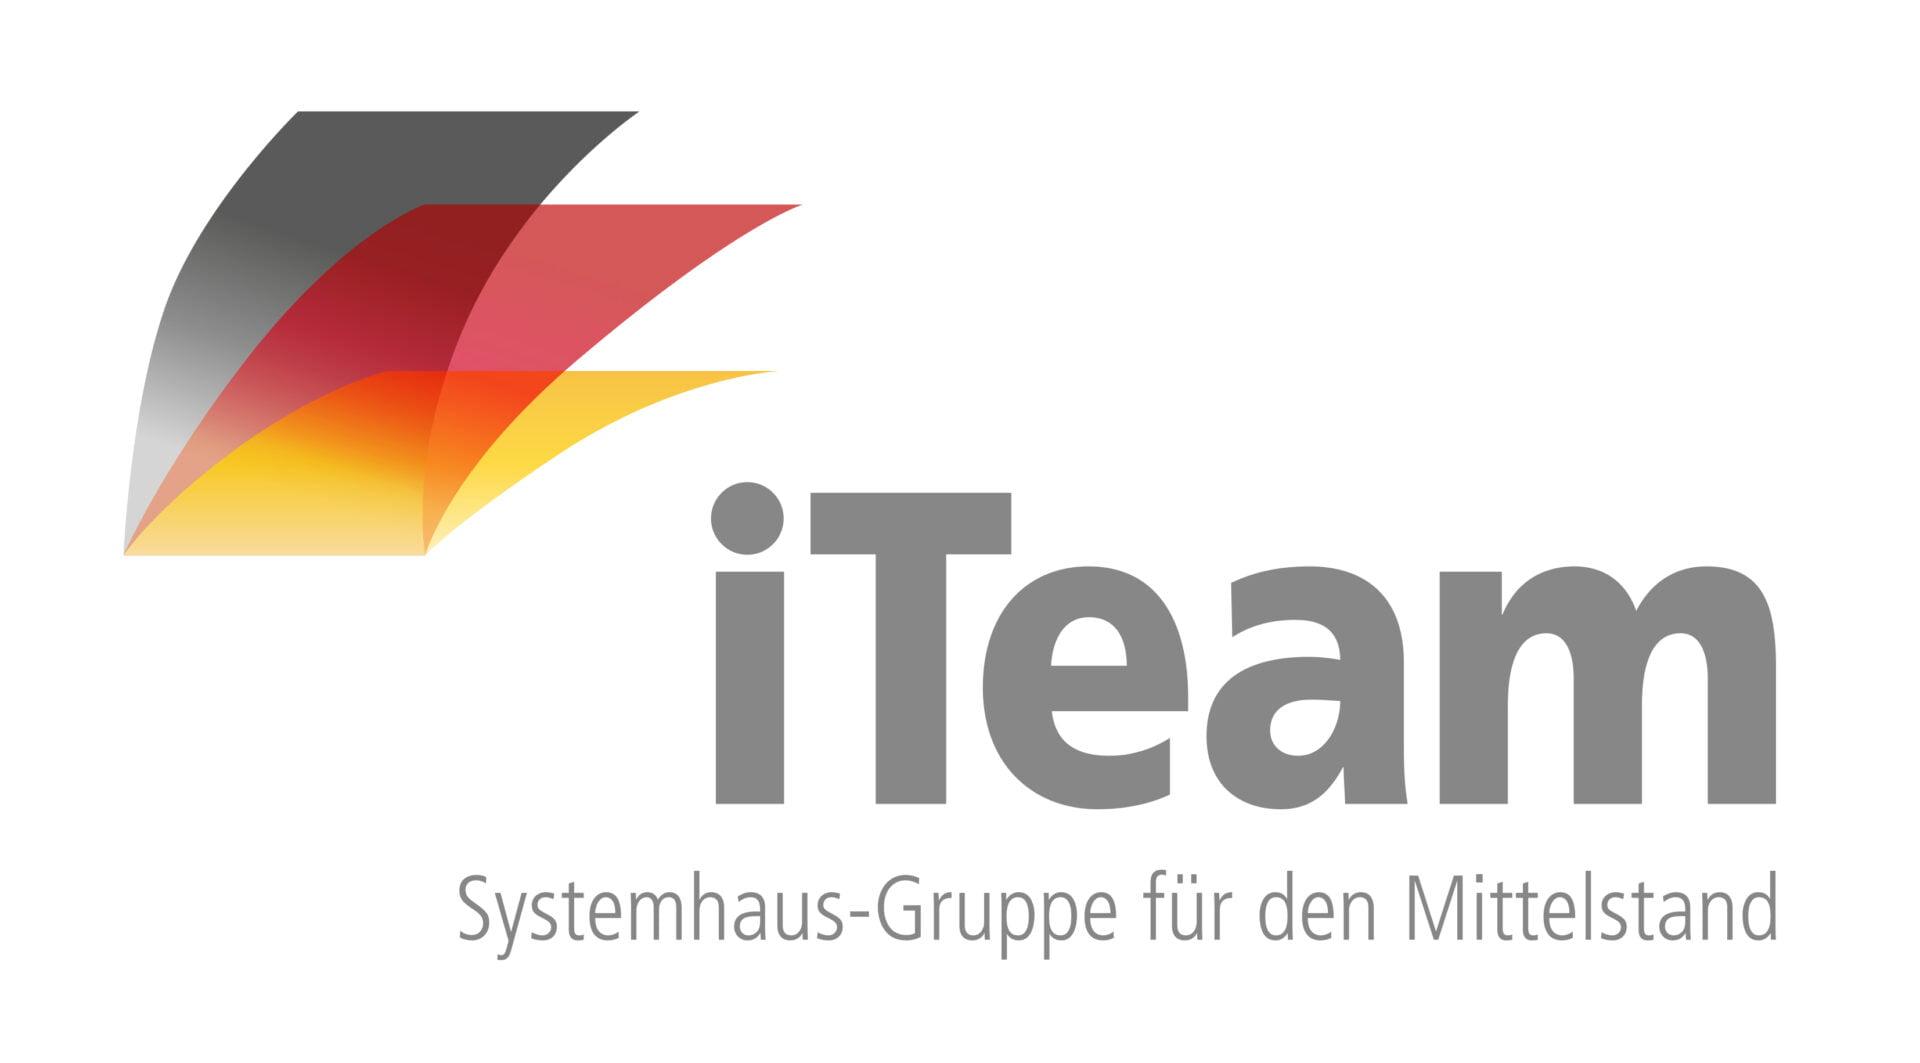 iTeam Systemhaus-Gruppe für den Mittelstand